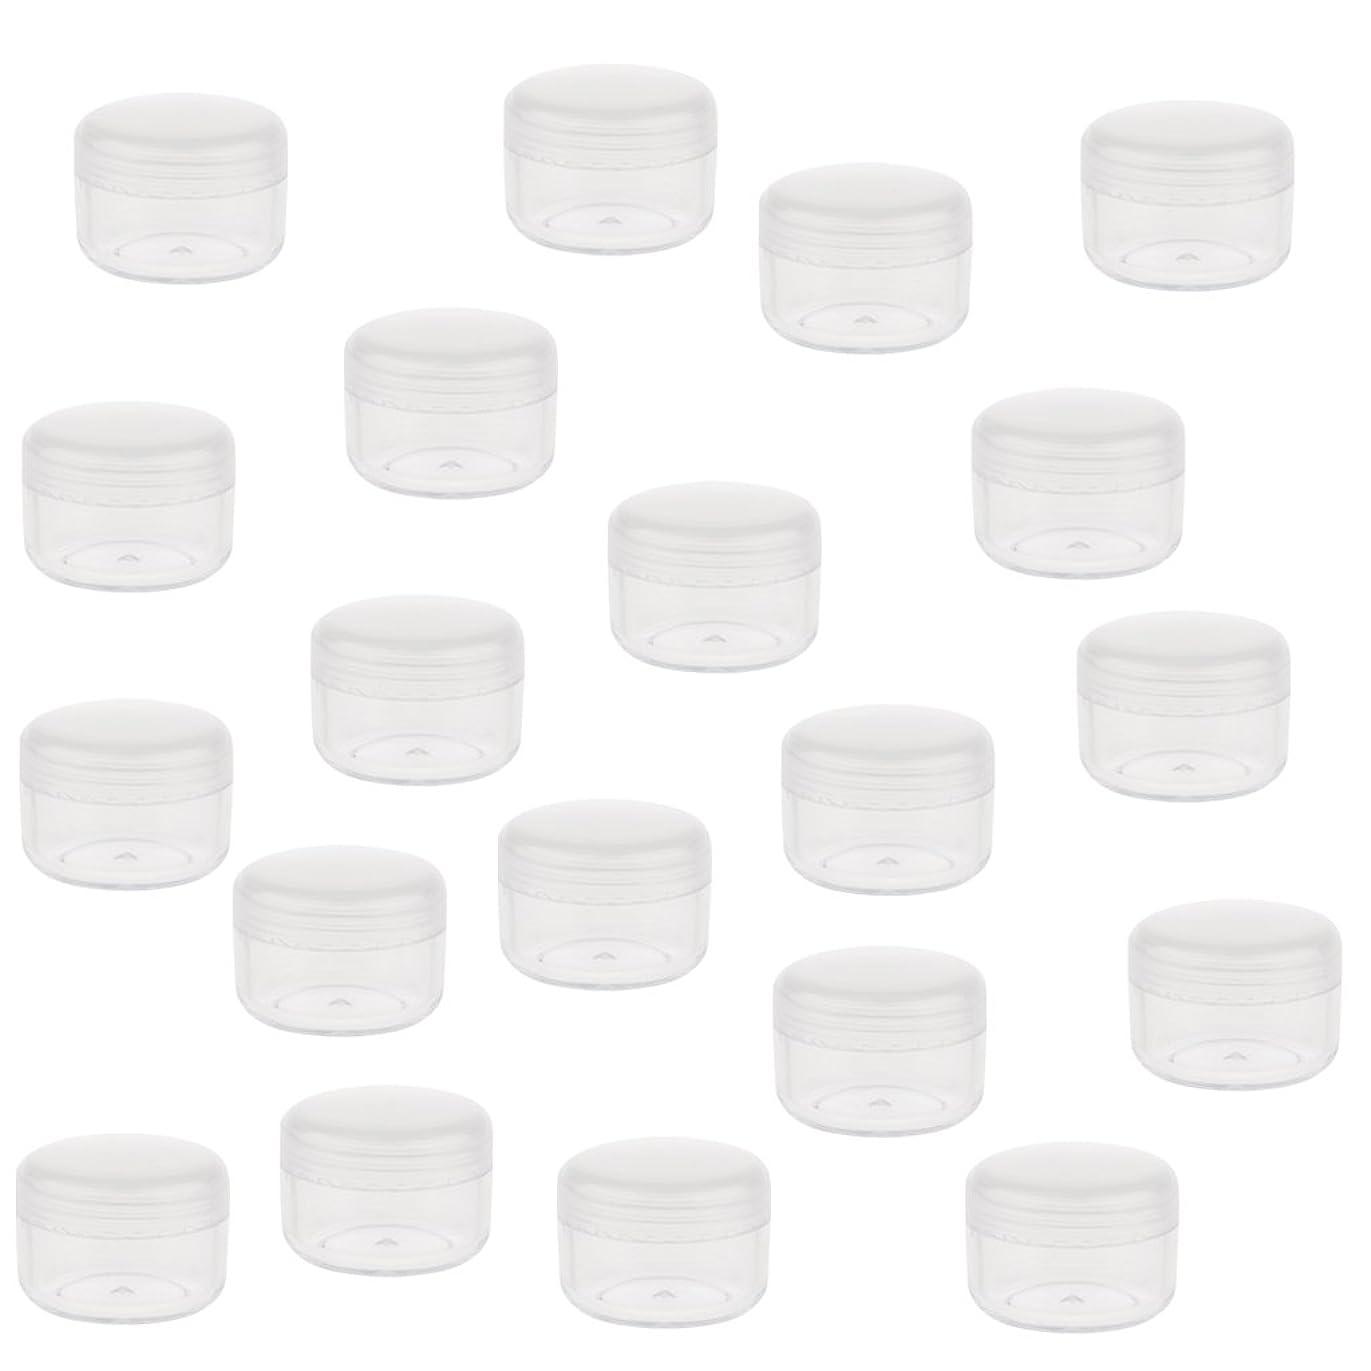 大洪水悪性のありがたいCUTICATE 小型 化粧ポット瓶 化粧品 クリームジャーポット 蓋付き 化粧品容器 ポータブル 20個 全2サイズ - 5g